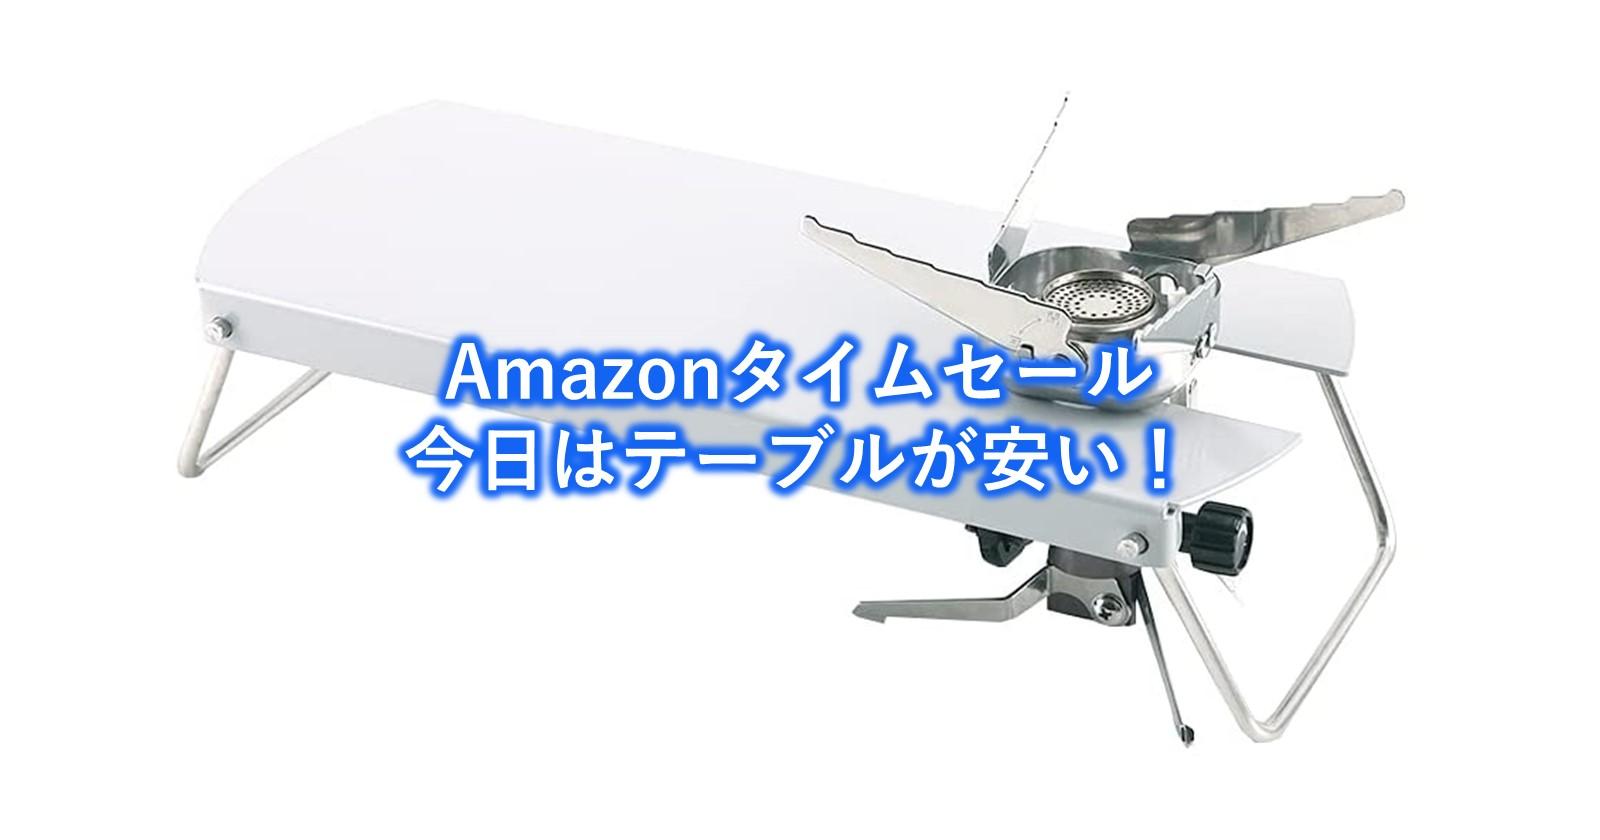 Amazonタイムセールで「テーブル」がお買い得!バーナーと組み合わせて使えるアイテムも安い